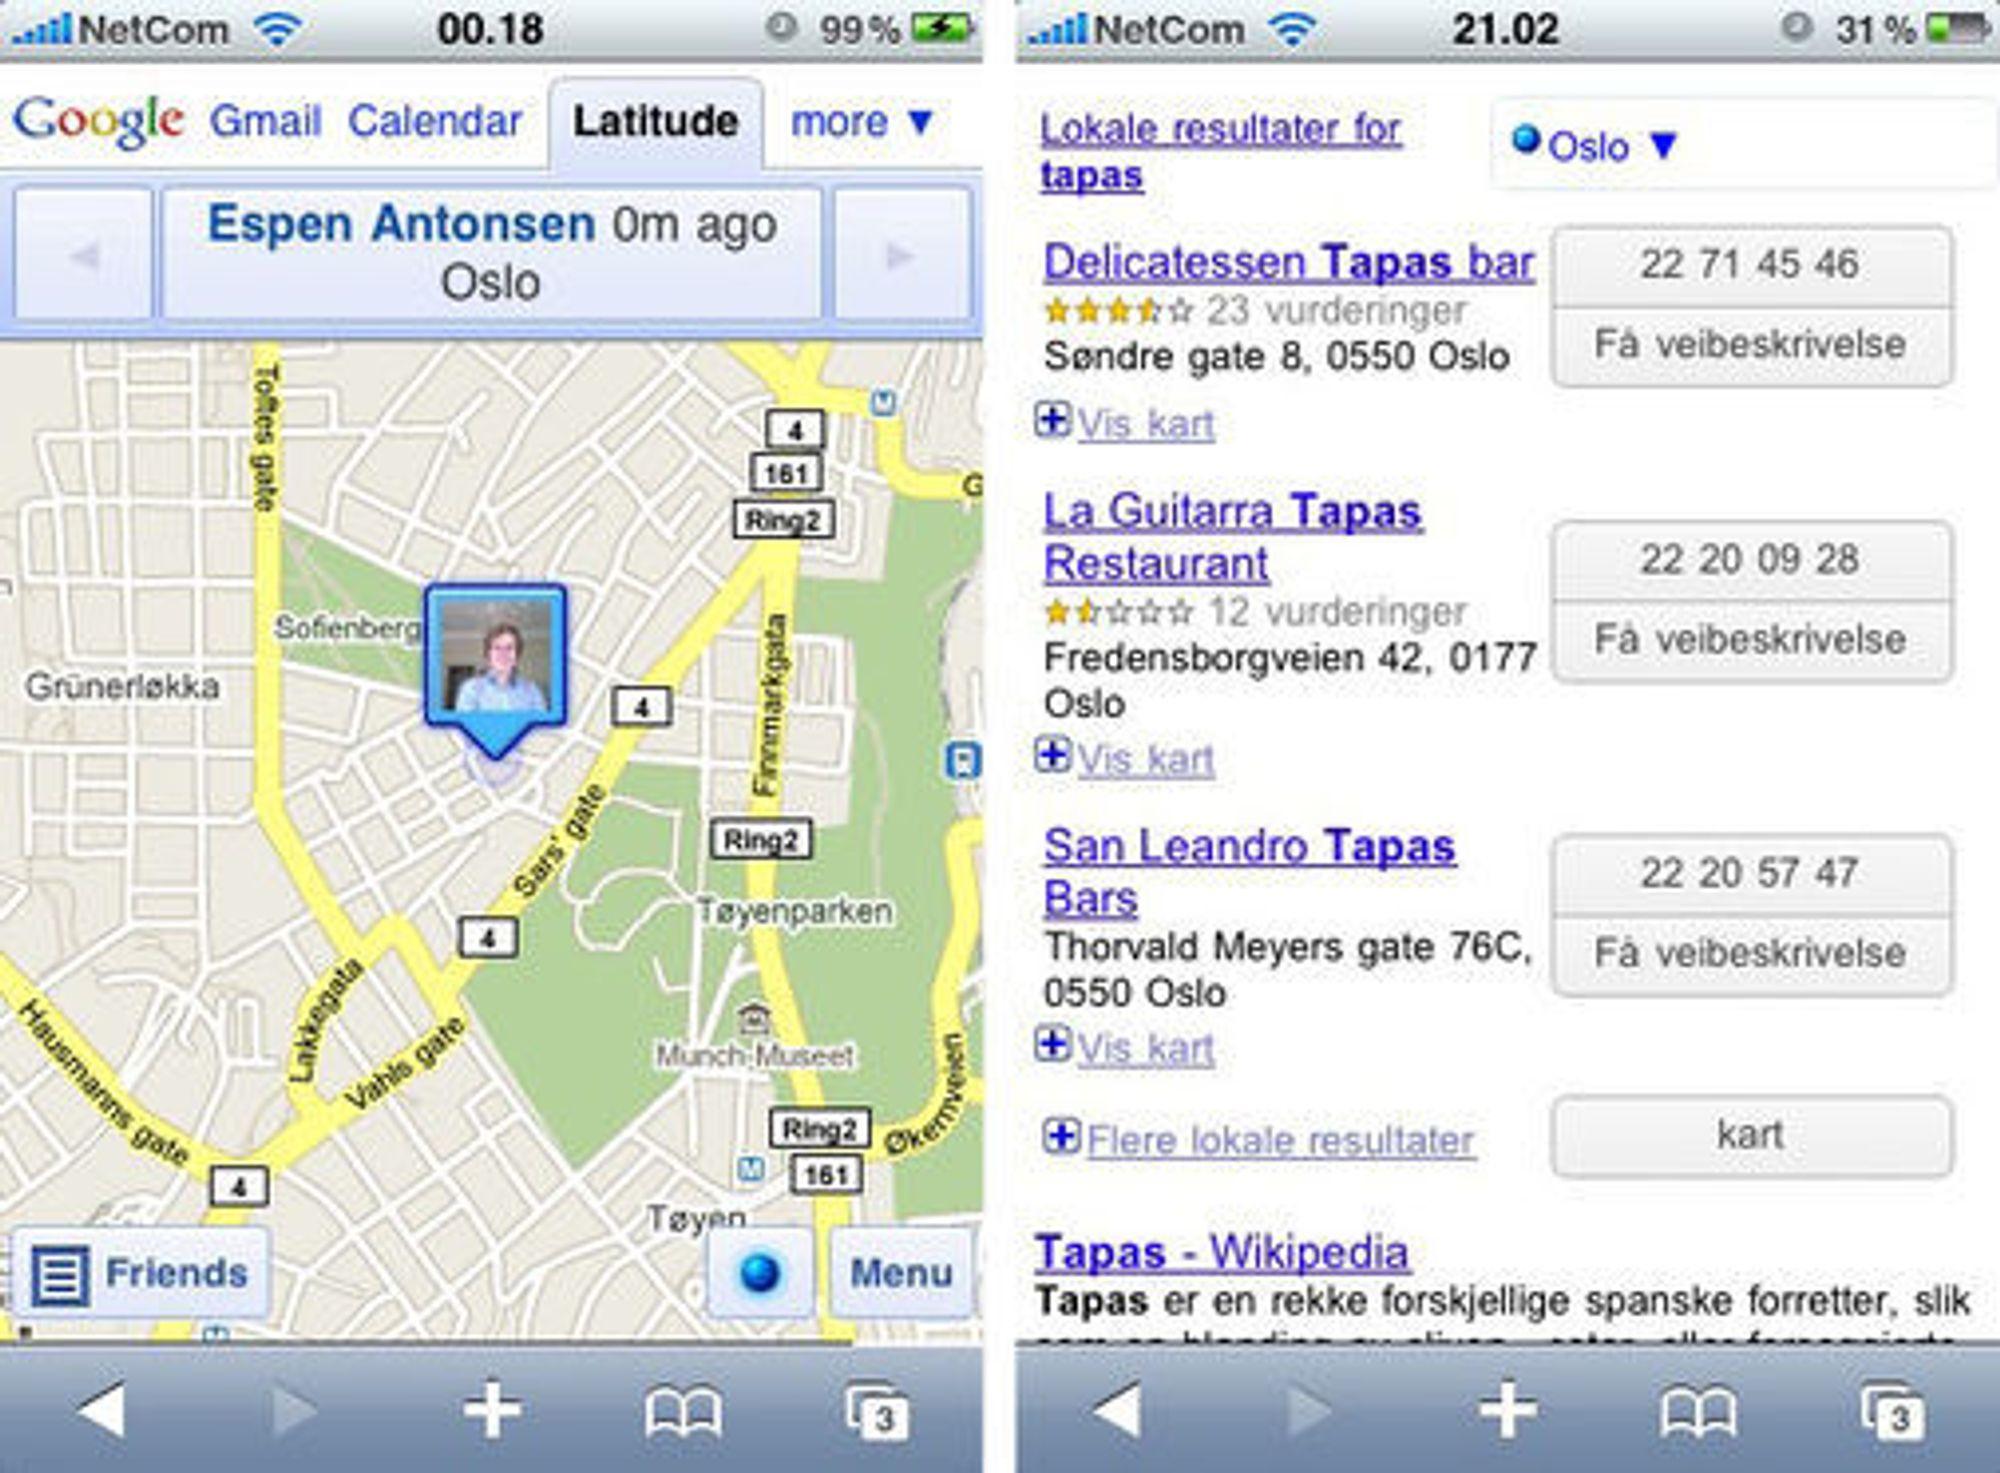 Posisjonering med Google Latitude og lokalt søk.